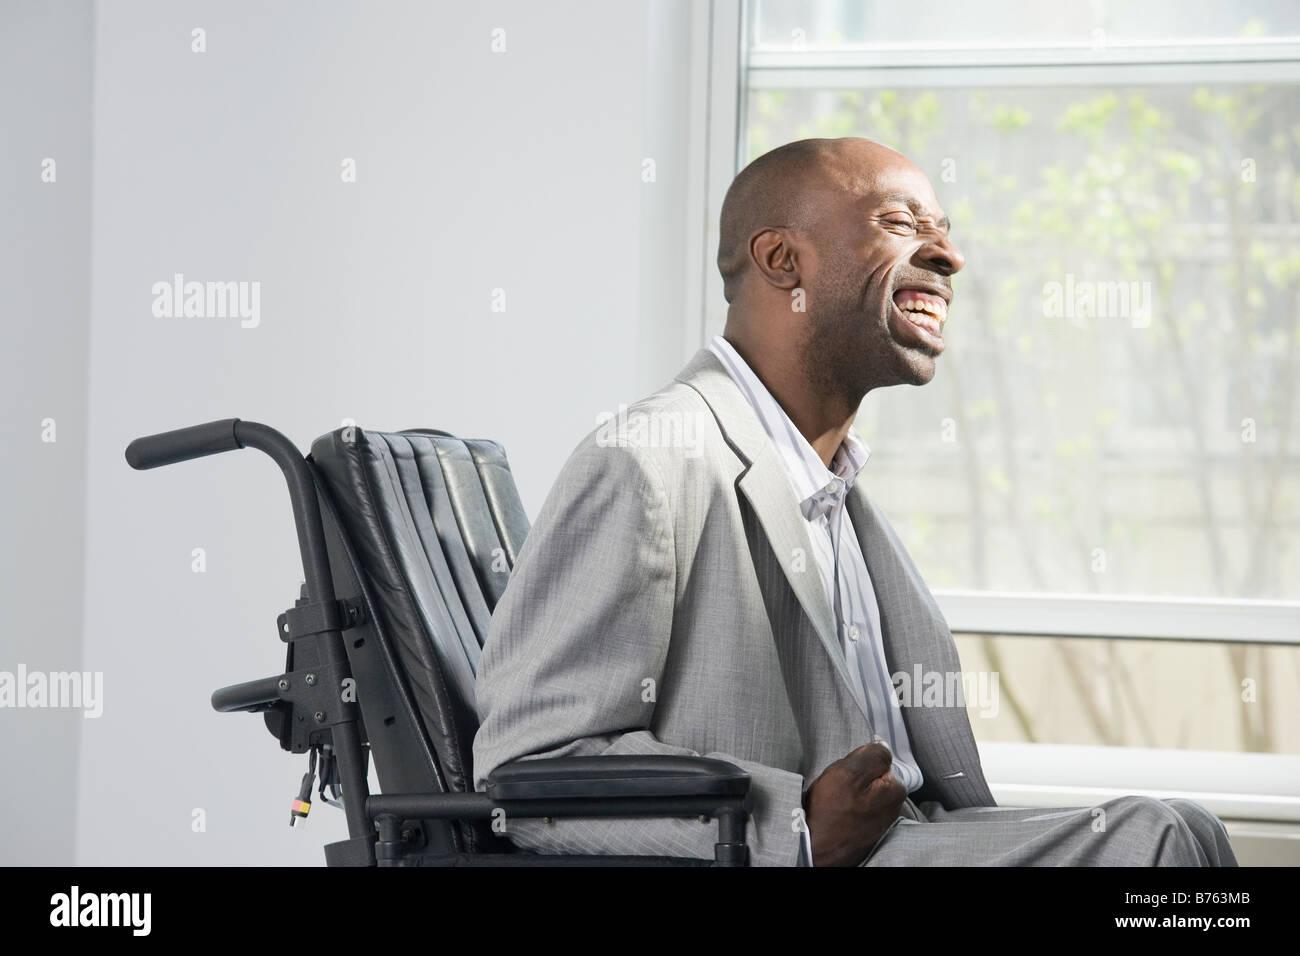 Ein Mann mit zerebraler Lähmung Lorbeerblätter datieren